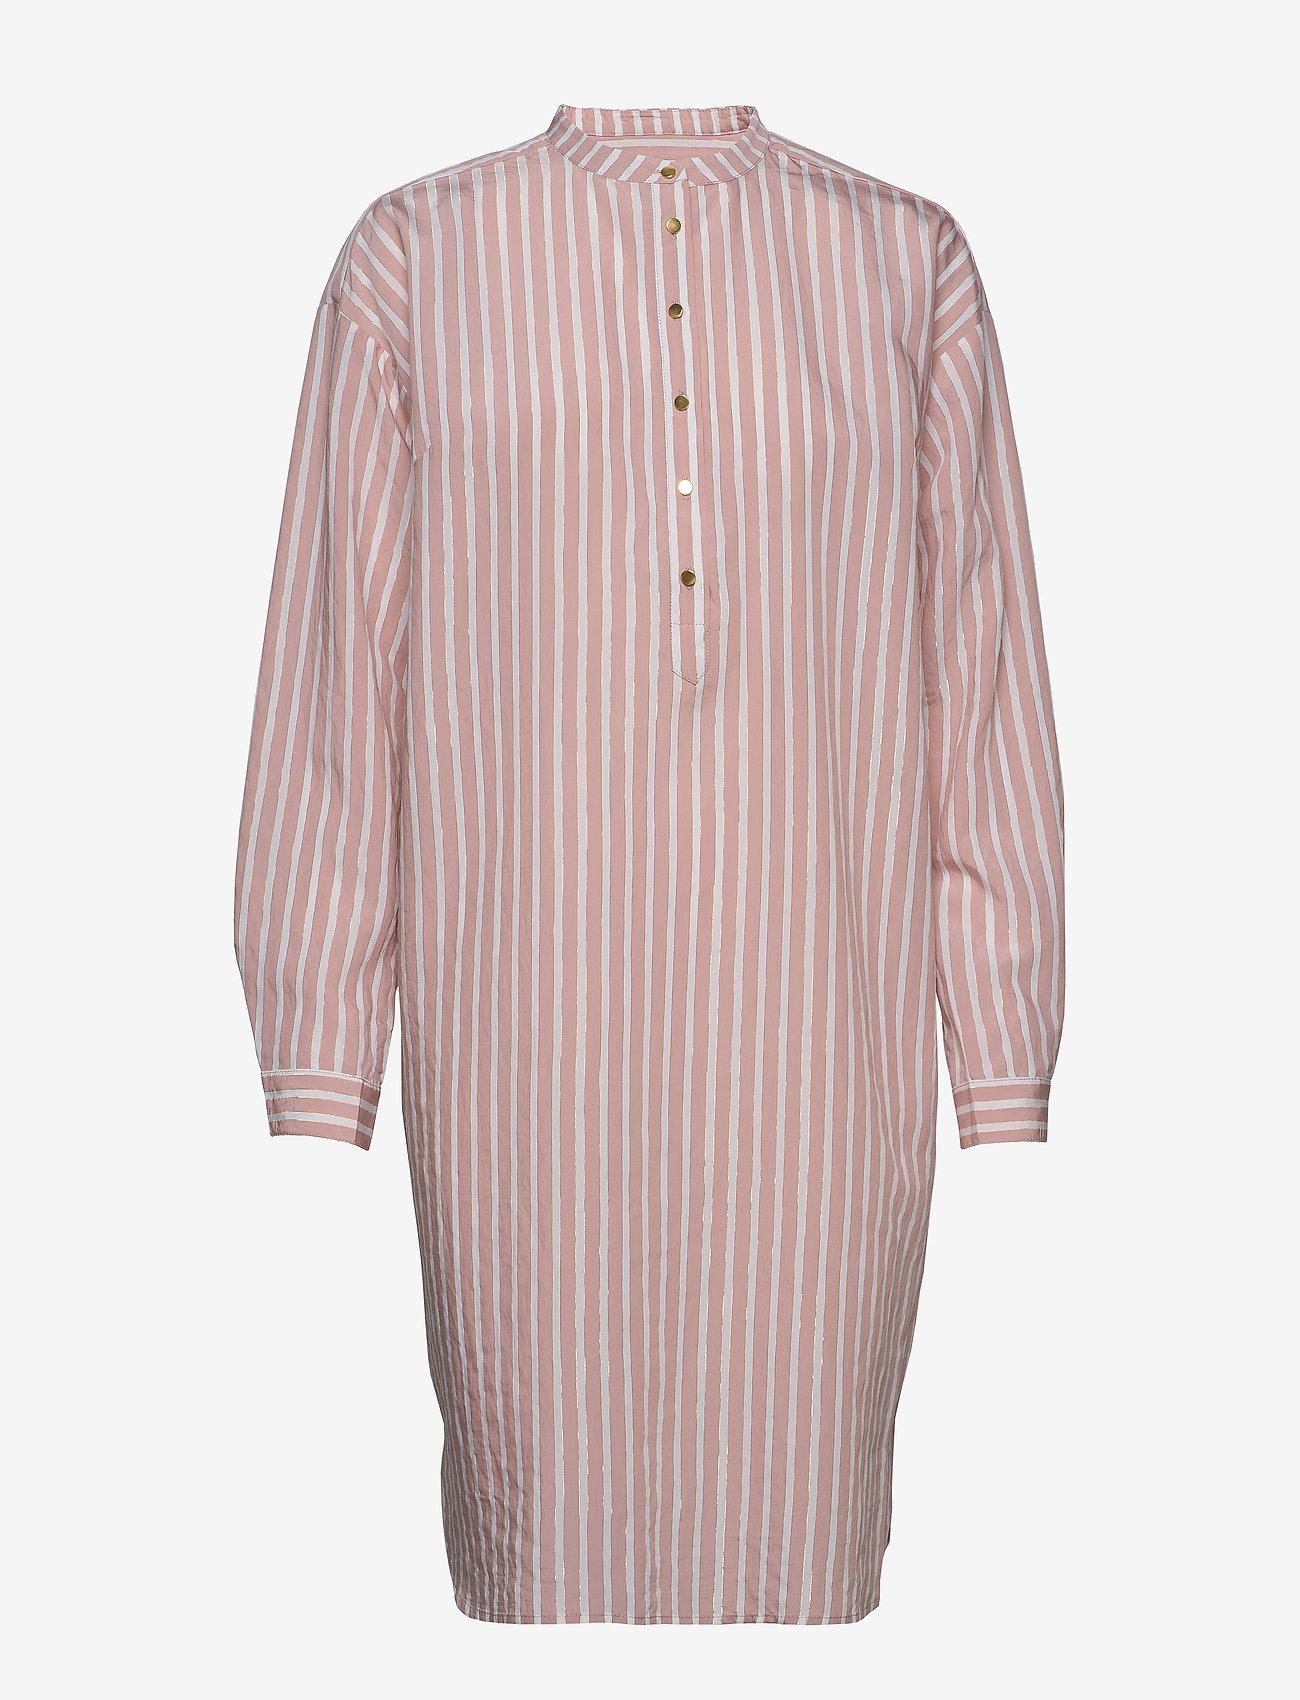 Sofie Schnoor Shirt - Sukienki ROSE - Kobiety Odzież.